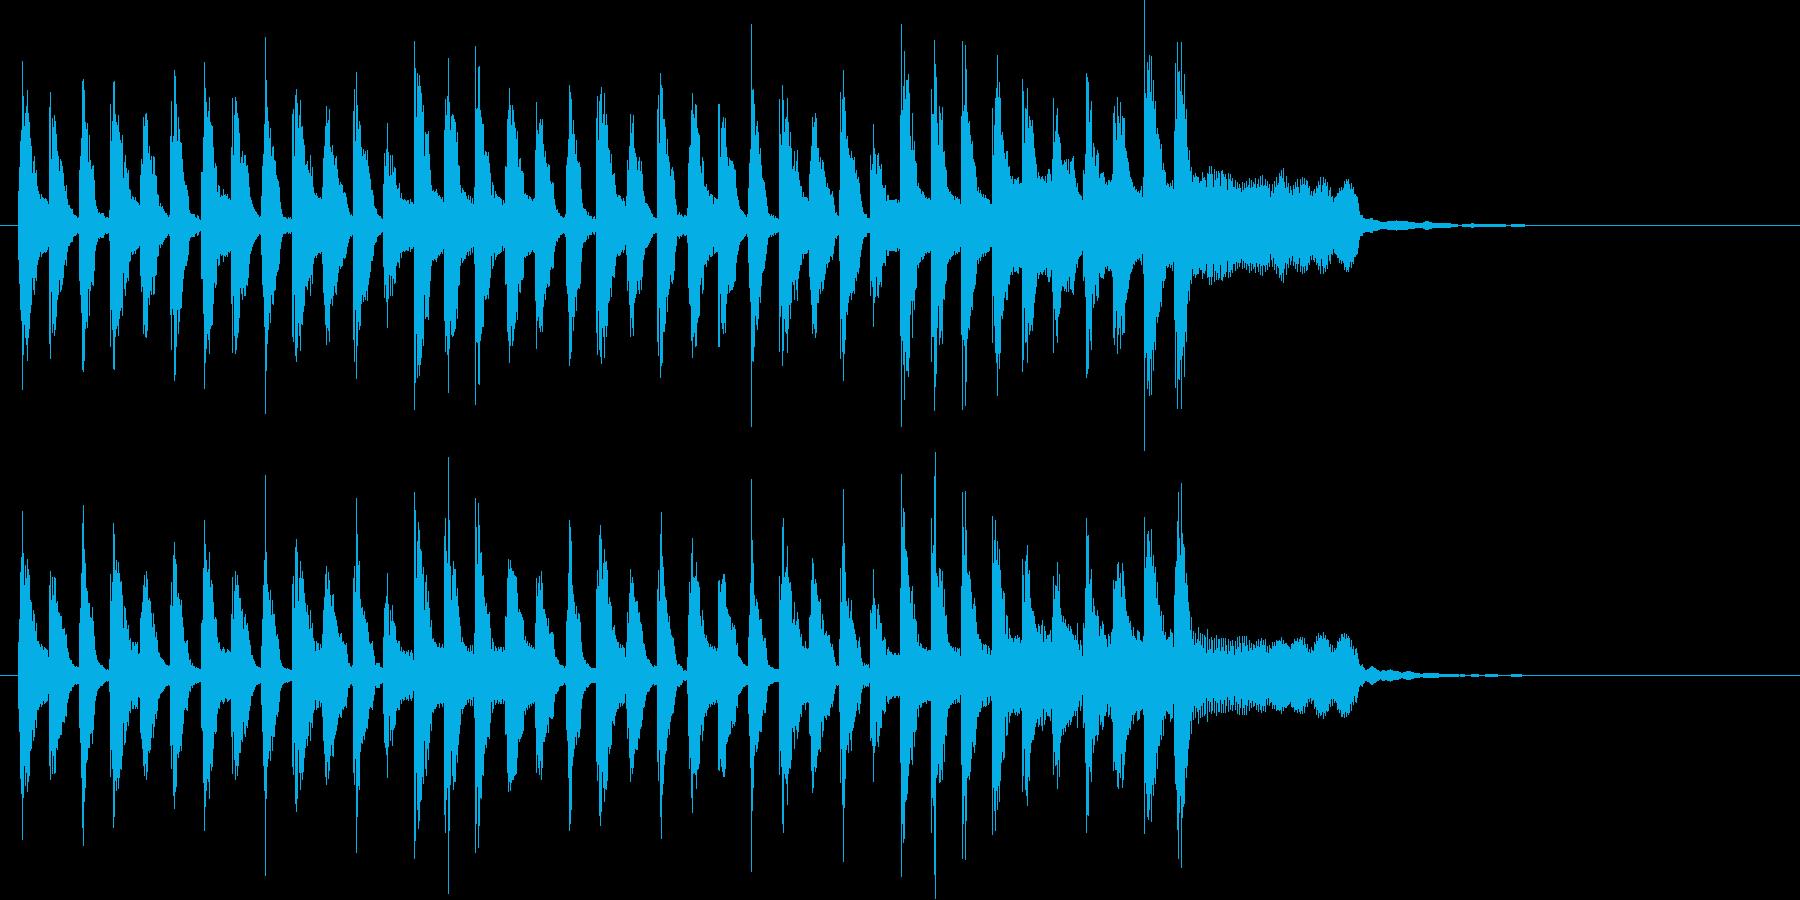 和楽器のほのぼのしたメロディの和風ポップの再生済みの波形